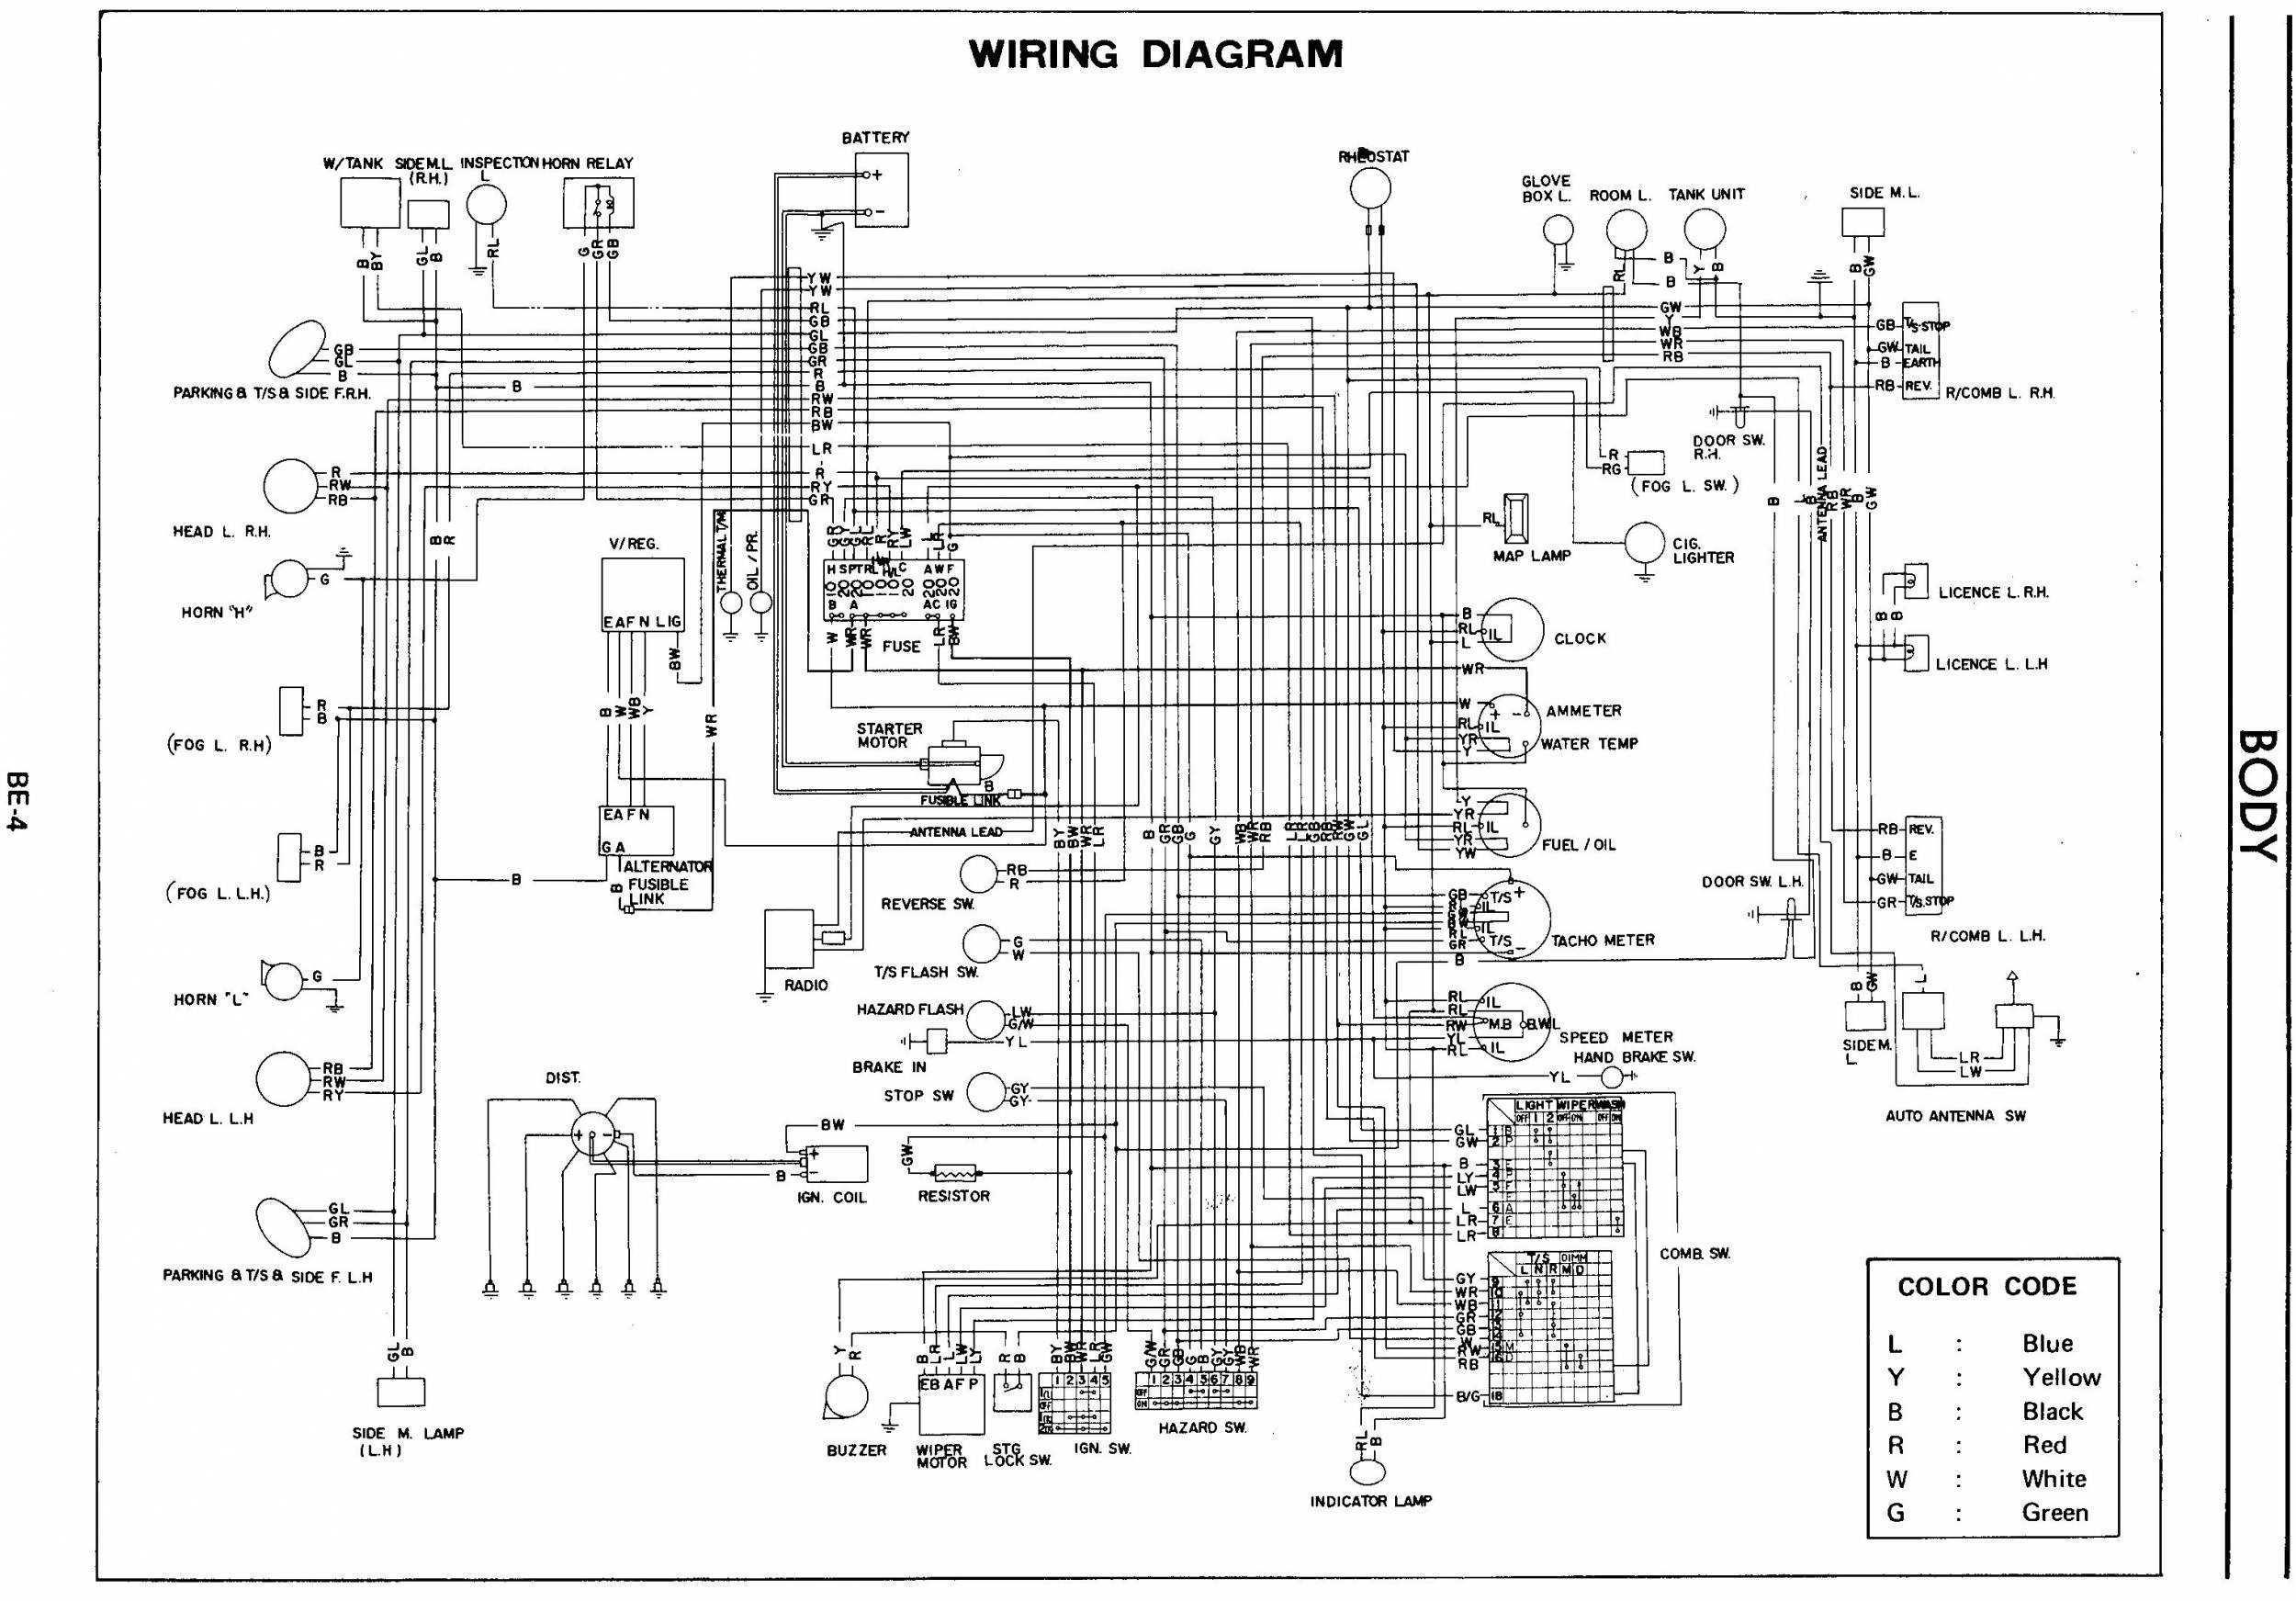 trailer wiring diagram mercedes benz g550